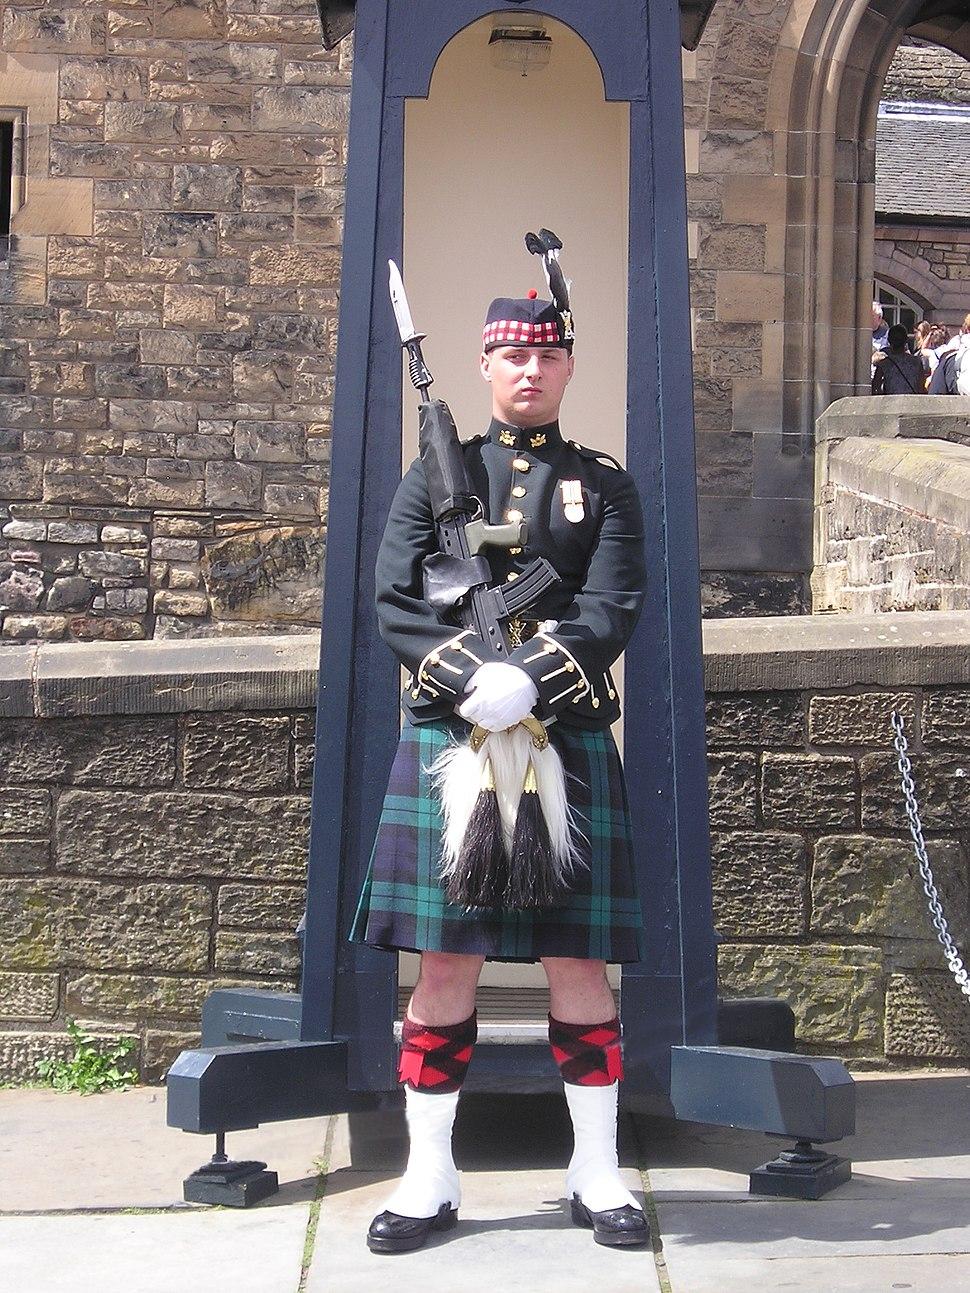 Guard outside Edinburgh Castle